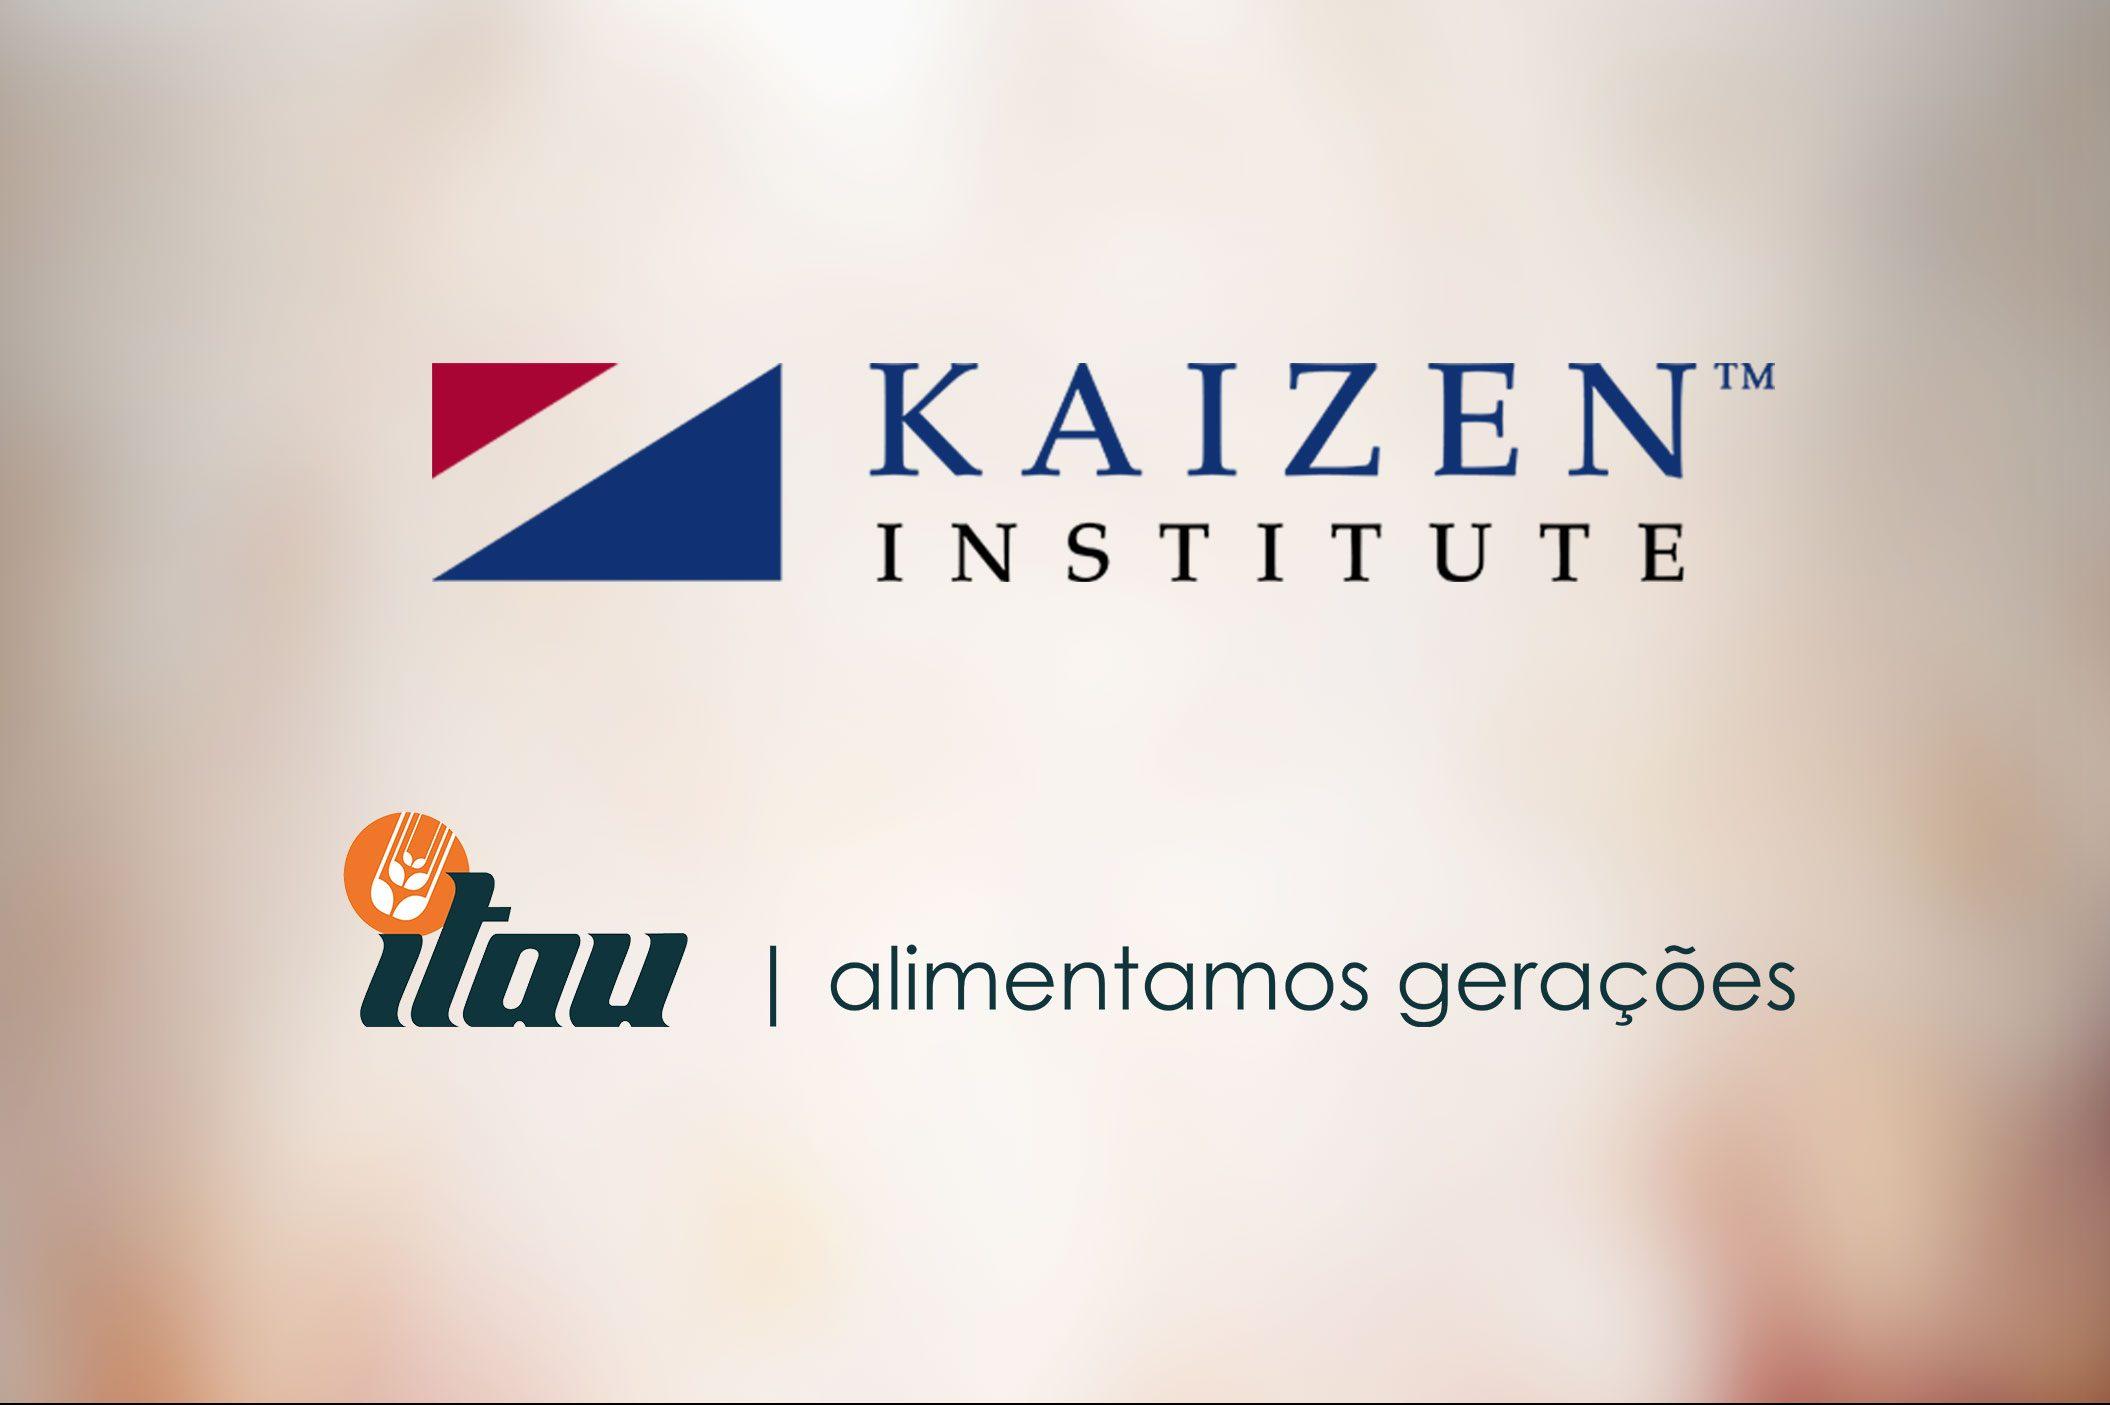 Institut Kaizen Lean premeia unidade do ITAU de Braga